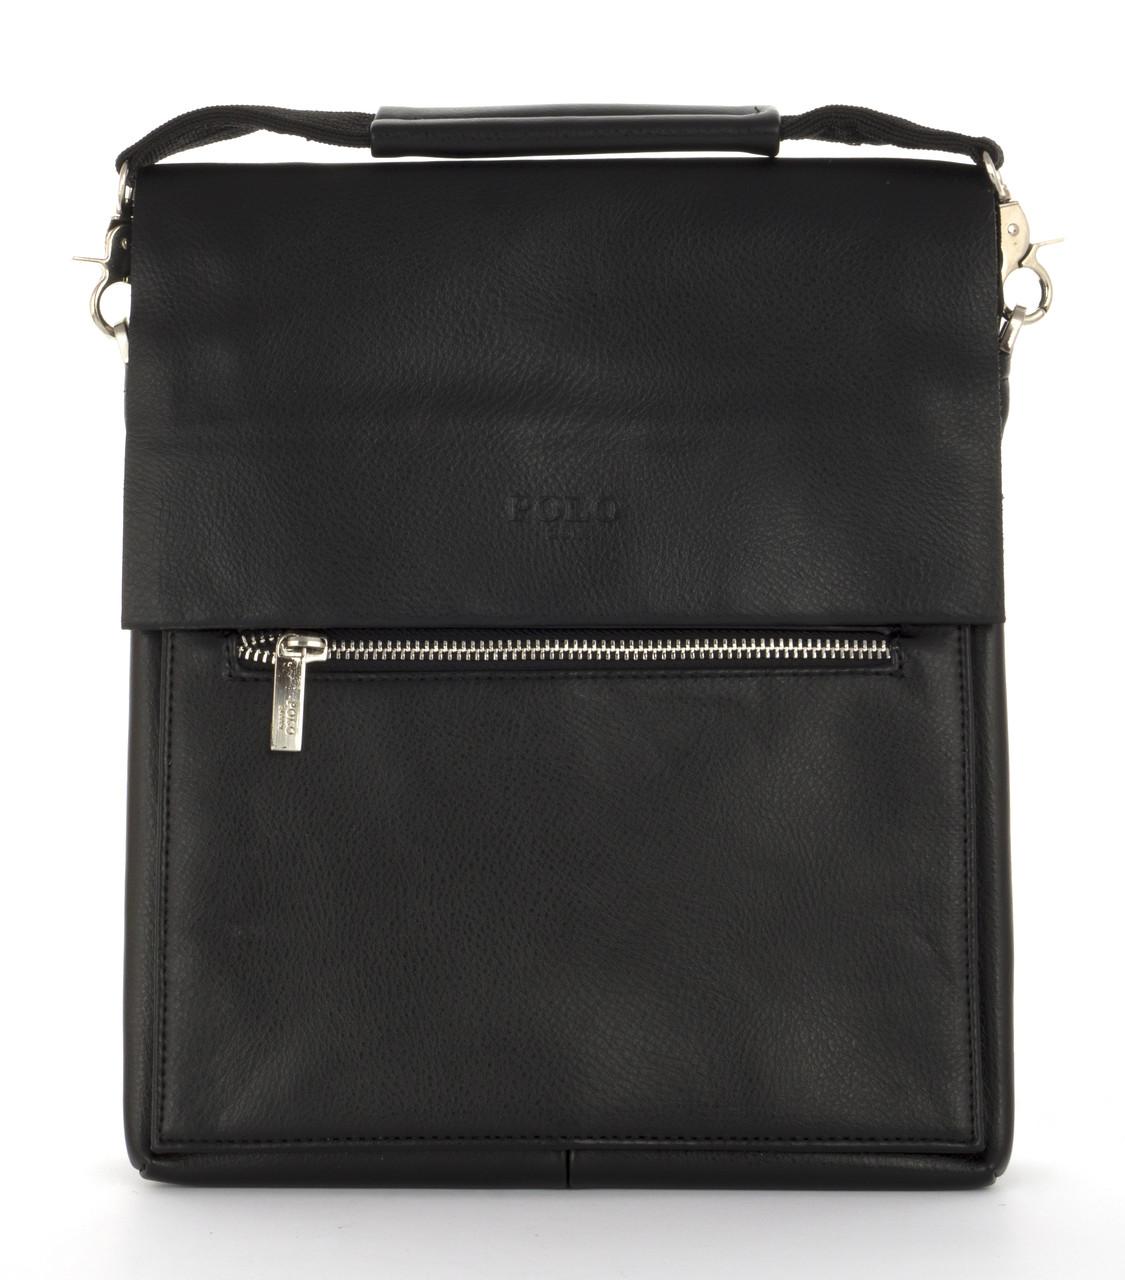 Удобная прочная вместительная мужская сумка с качественной эко кожи POLO art. 310-4 черный